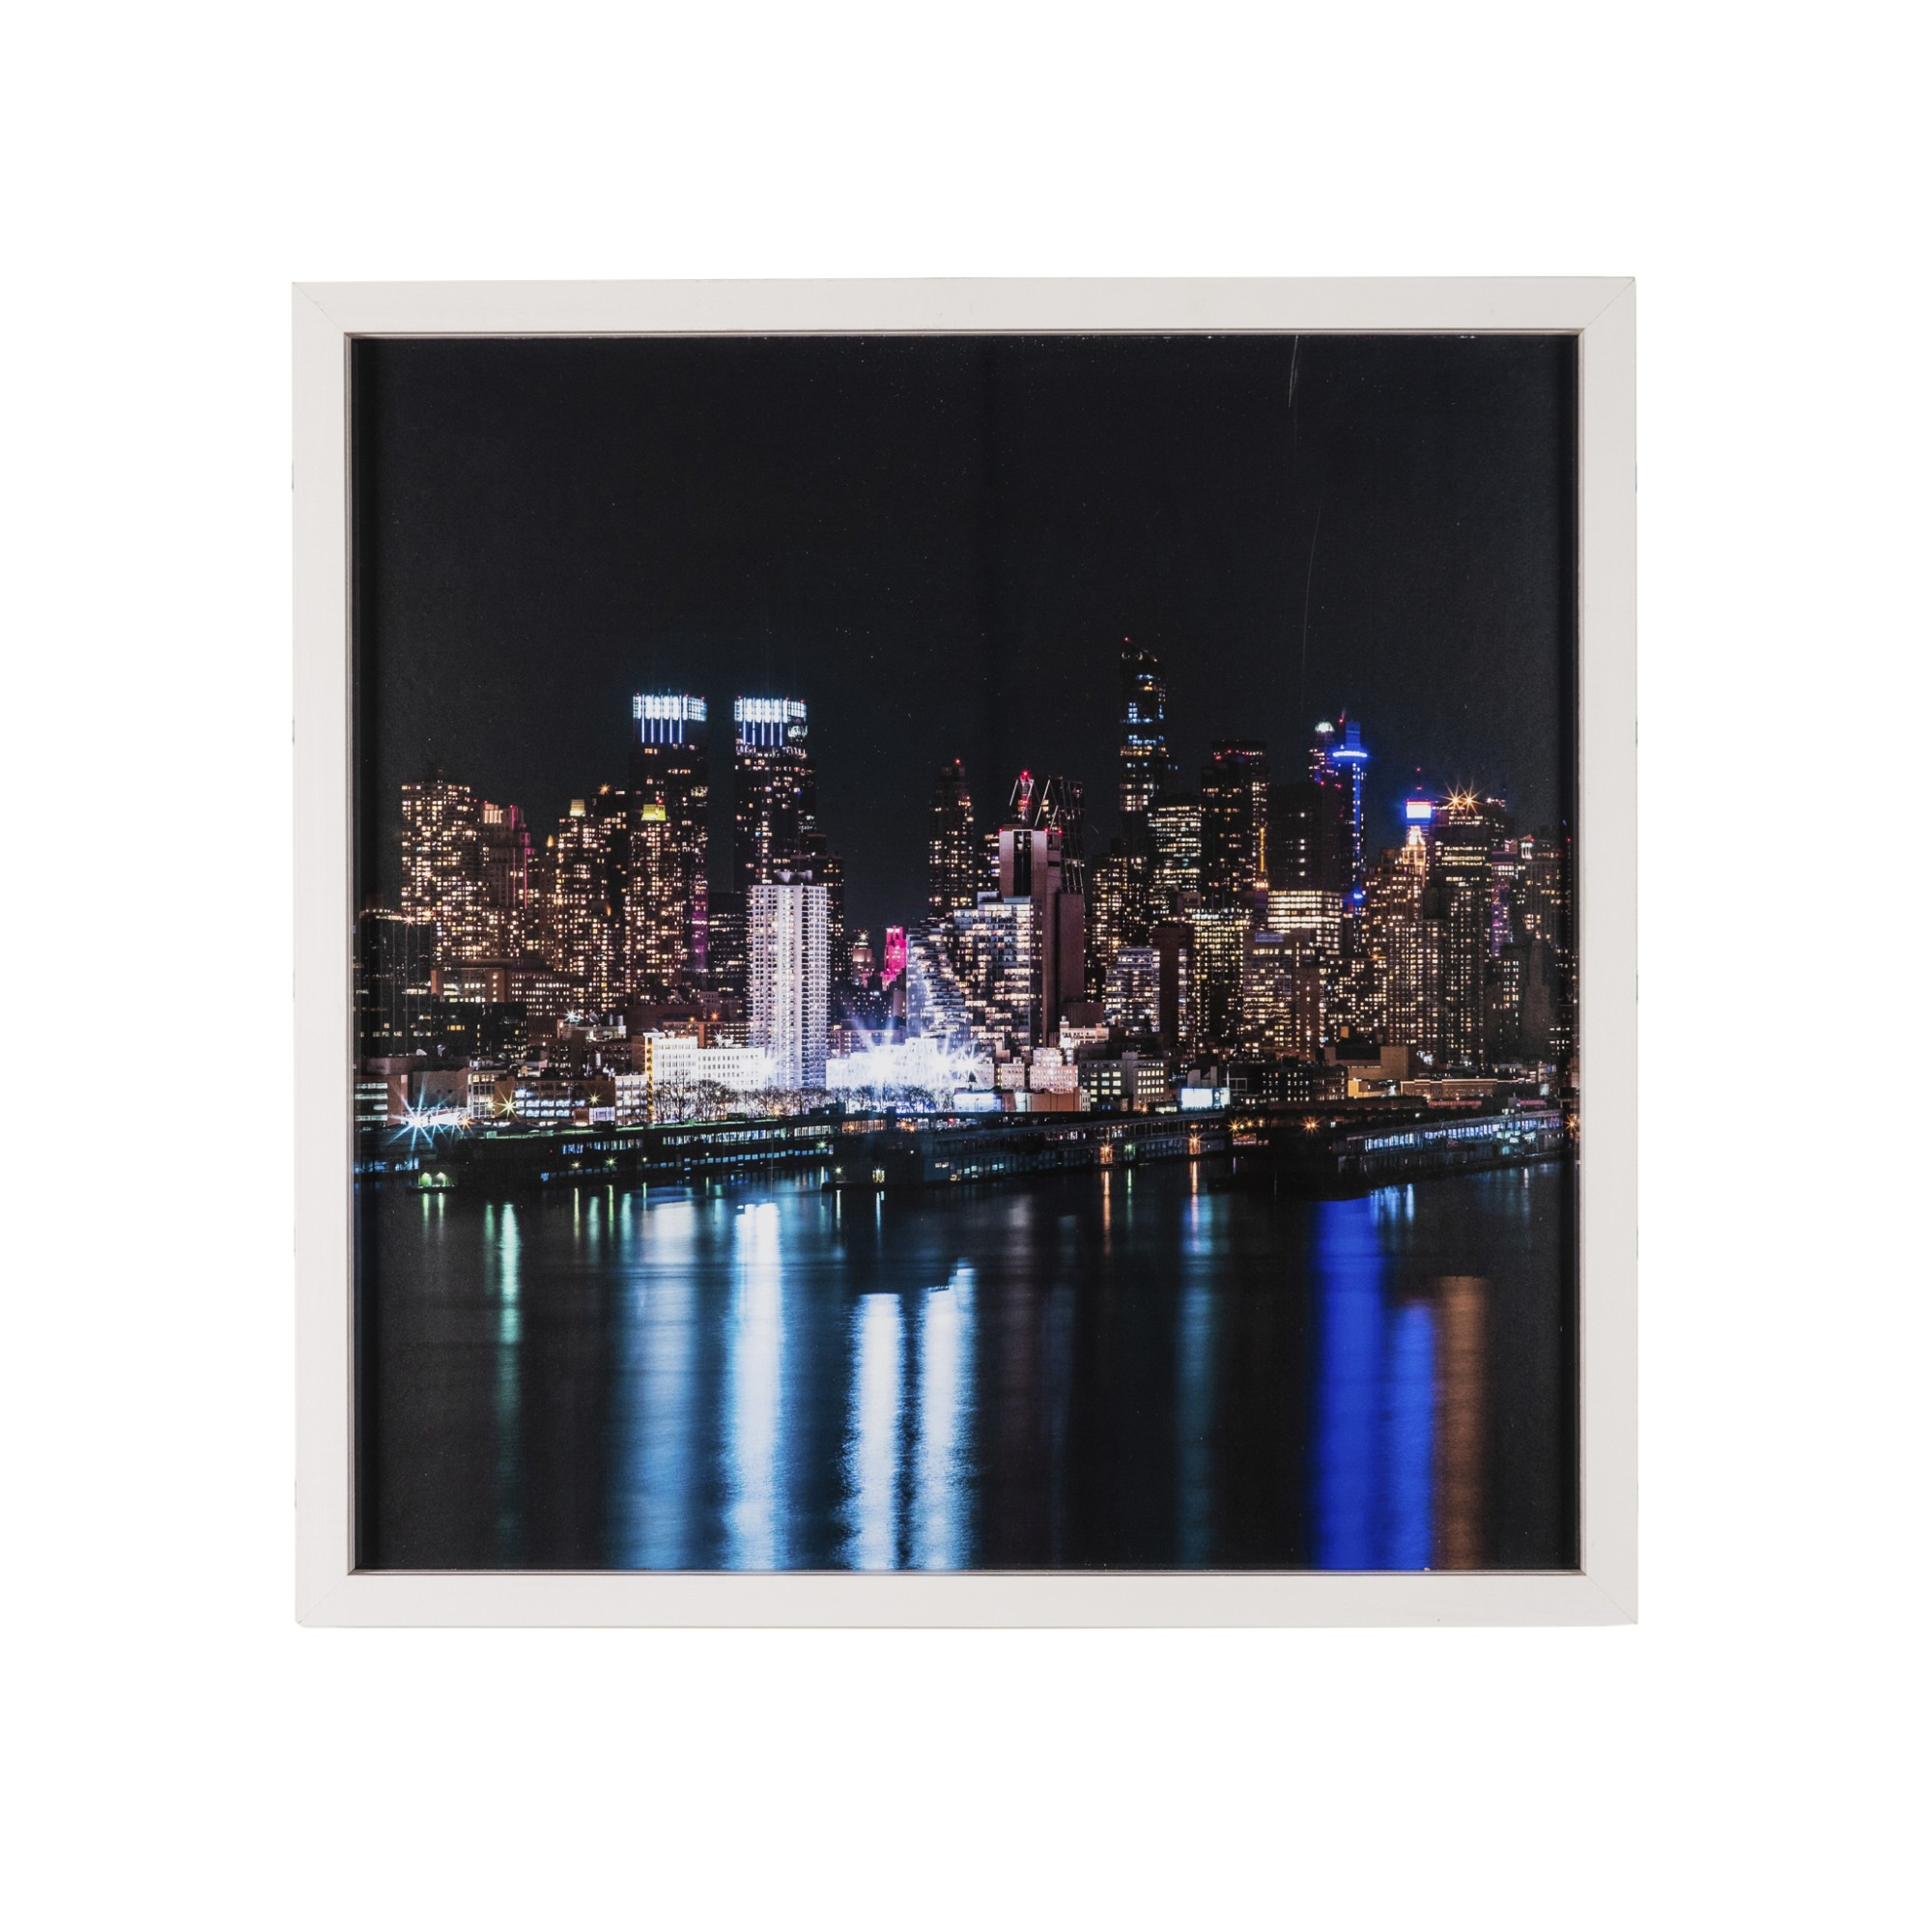 Quadro Decorativo 50x50 cm Trio com Vidro Luxo 25231 - Art Frame